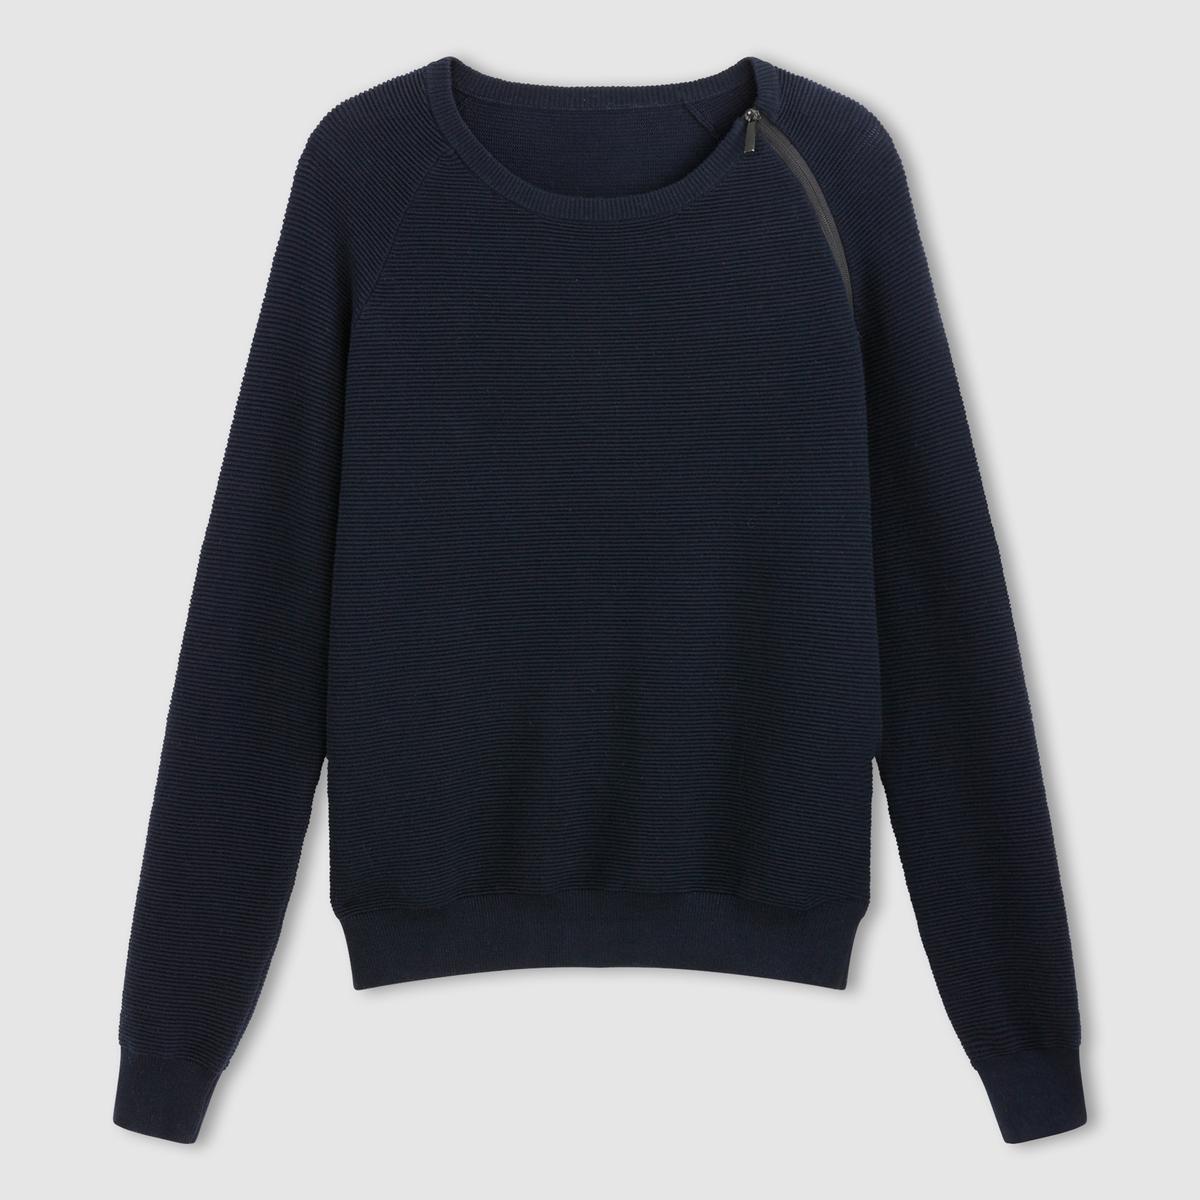 Пуловер с круглым вырезом и длинными рукавамиПуловер из трикотажа 75% хлопка, 25% полиамида. Длинные рукава . Круглый вырез . Застежка на молнию на плече . Края низа и манжет связаны в рубчик . Длина 69 см.<br><br>Цвет: серый меланж,темно-синий<br>Размер: M.XL.S